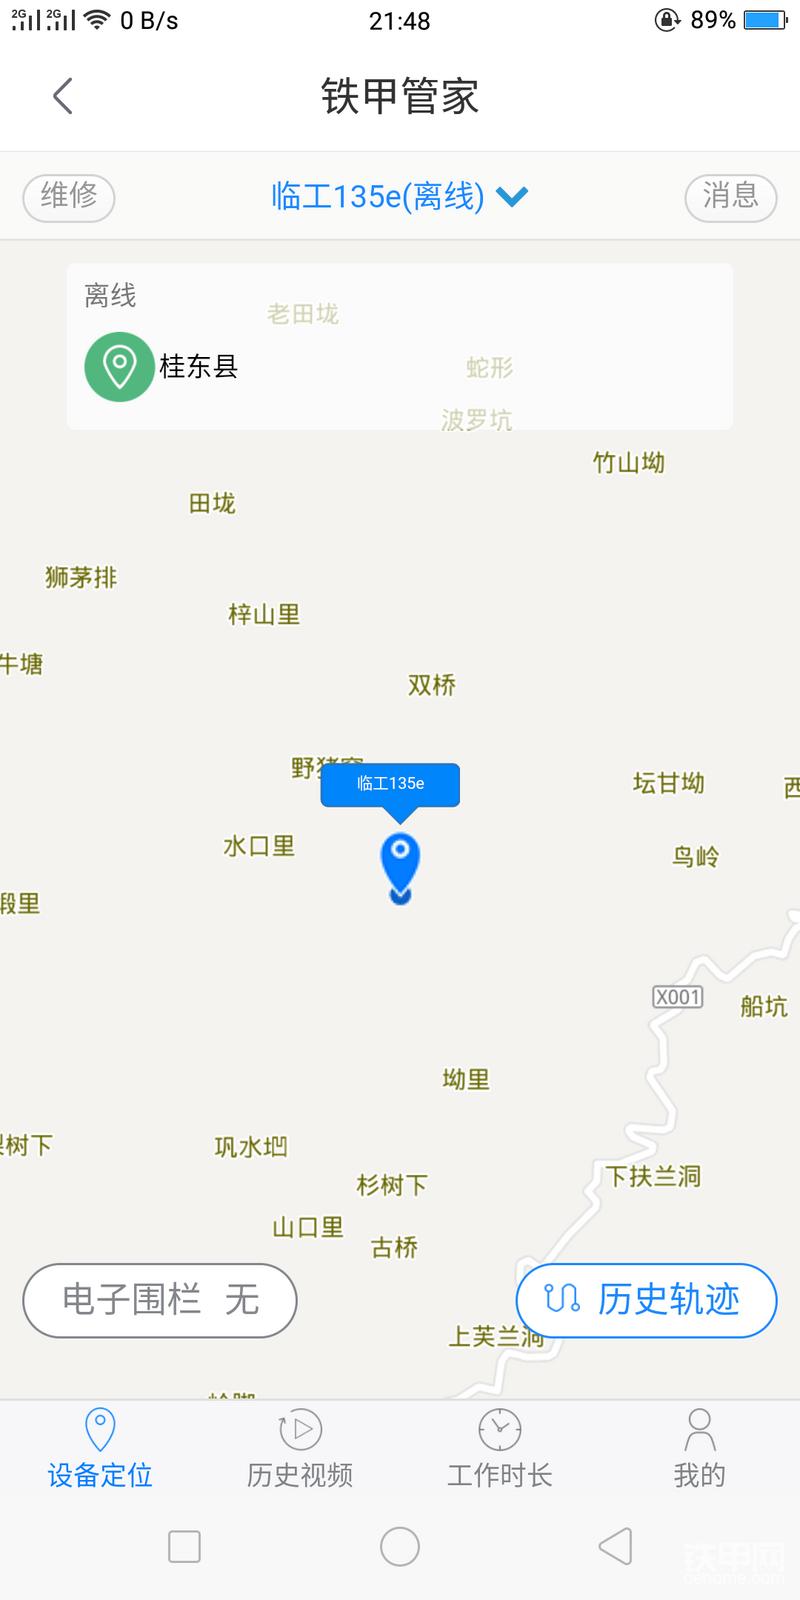 位置在哪呢